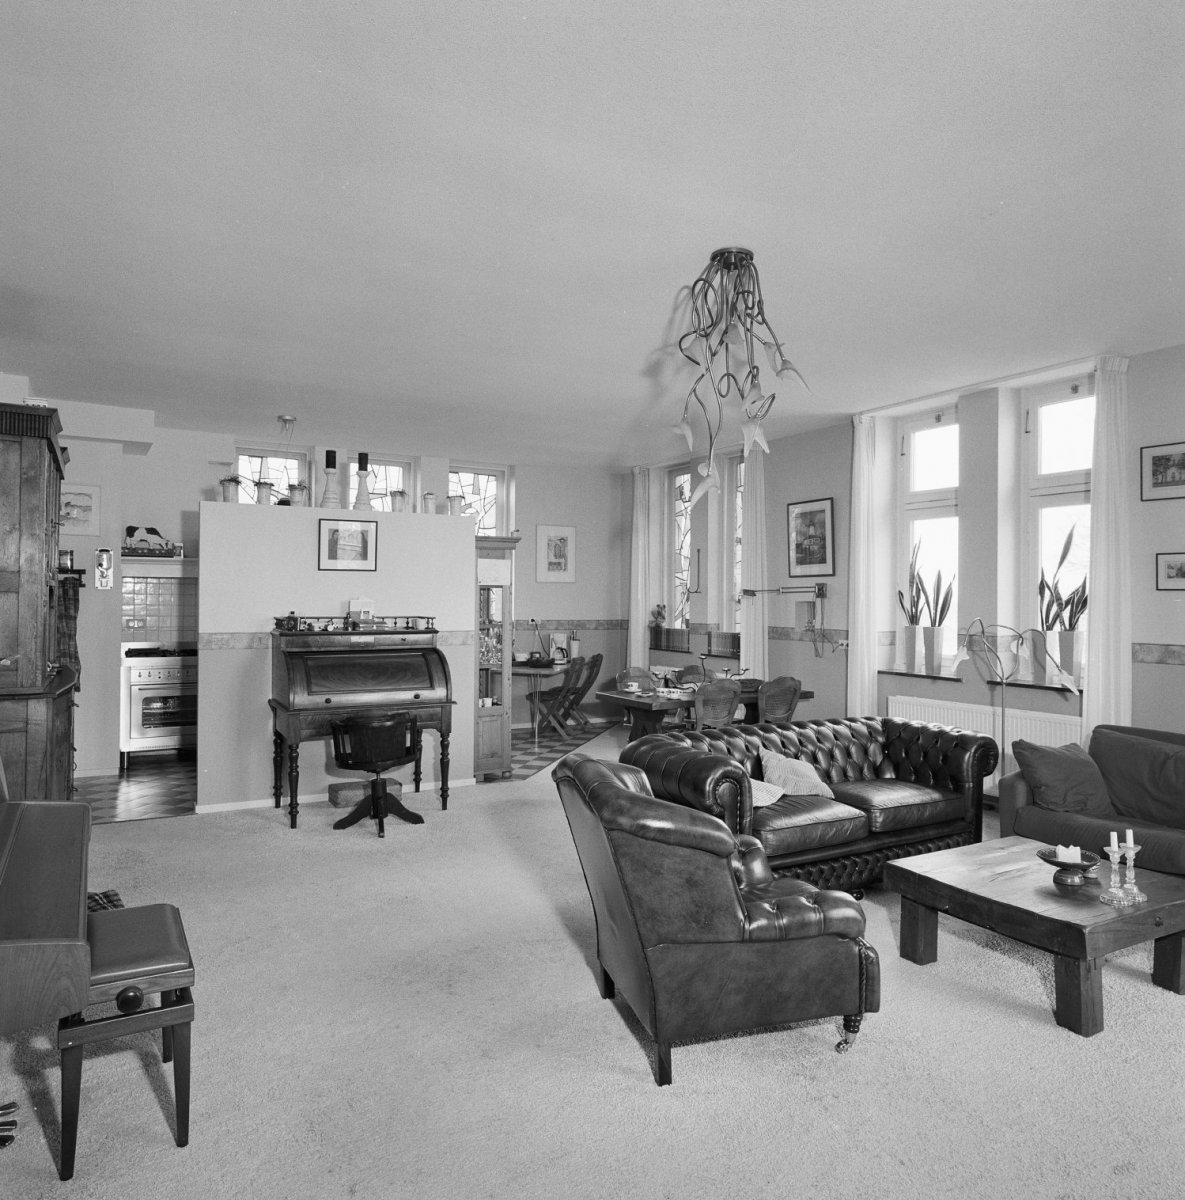 Van de bovenste plank 3473 interieur woonkamer beeld - Makers van het interieur ...